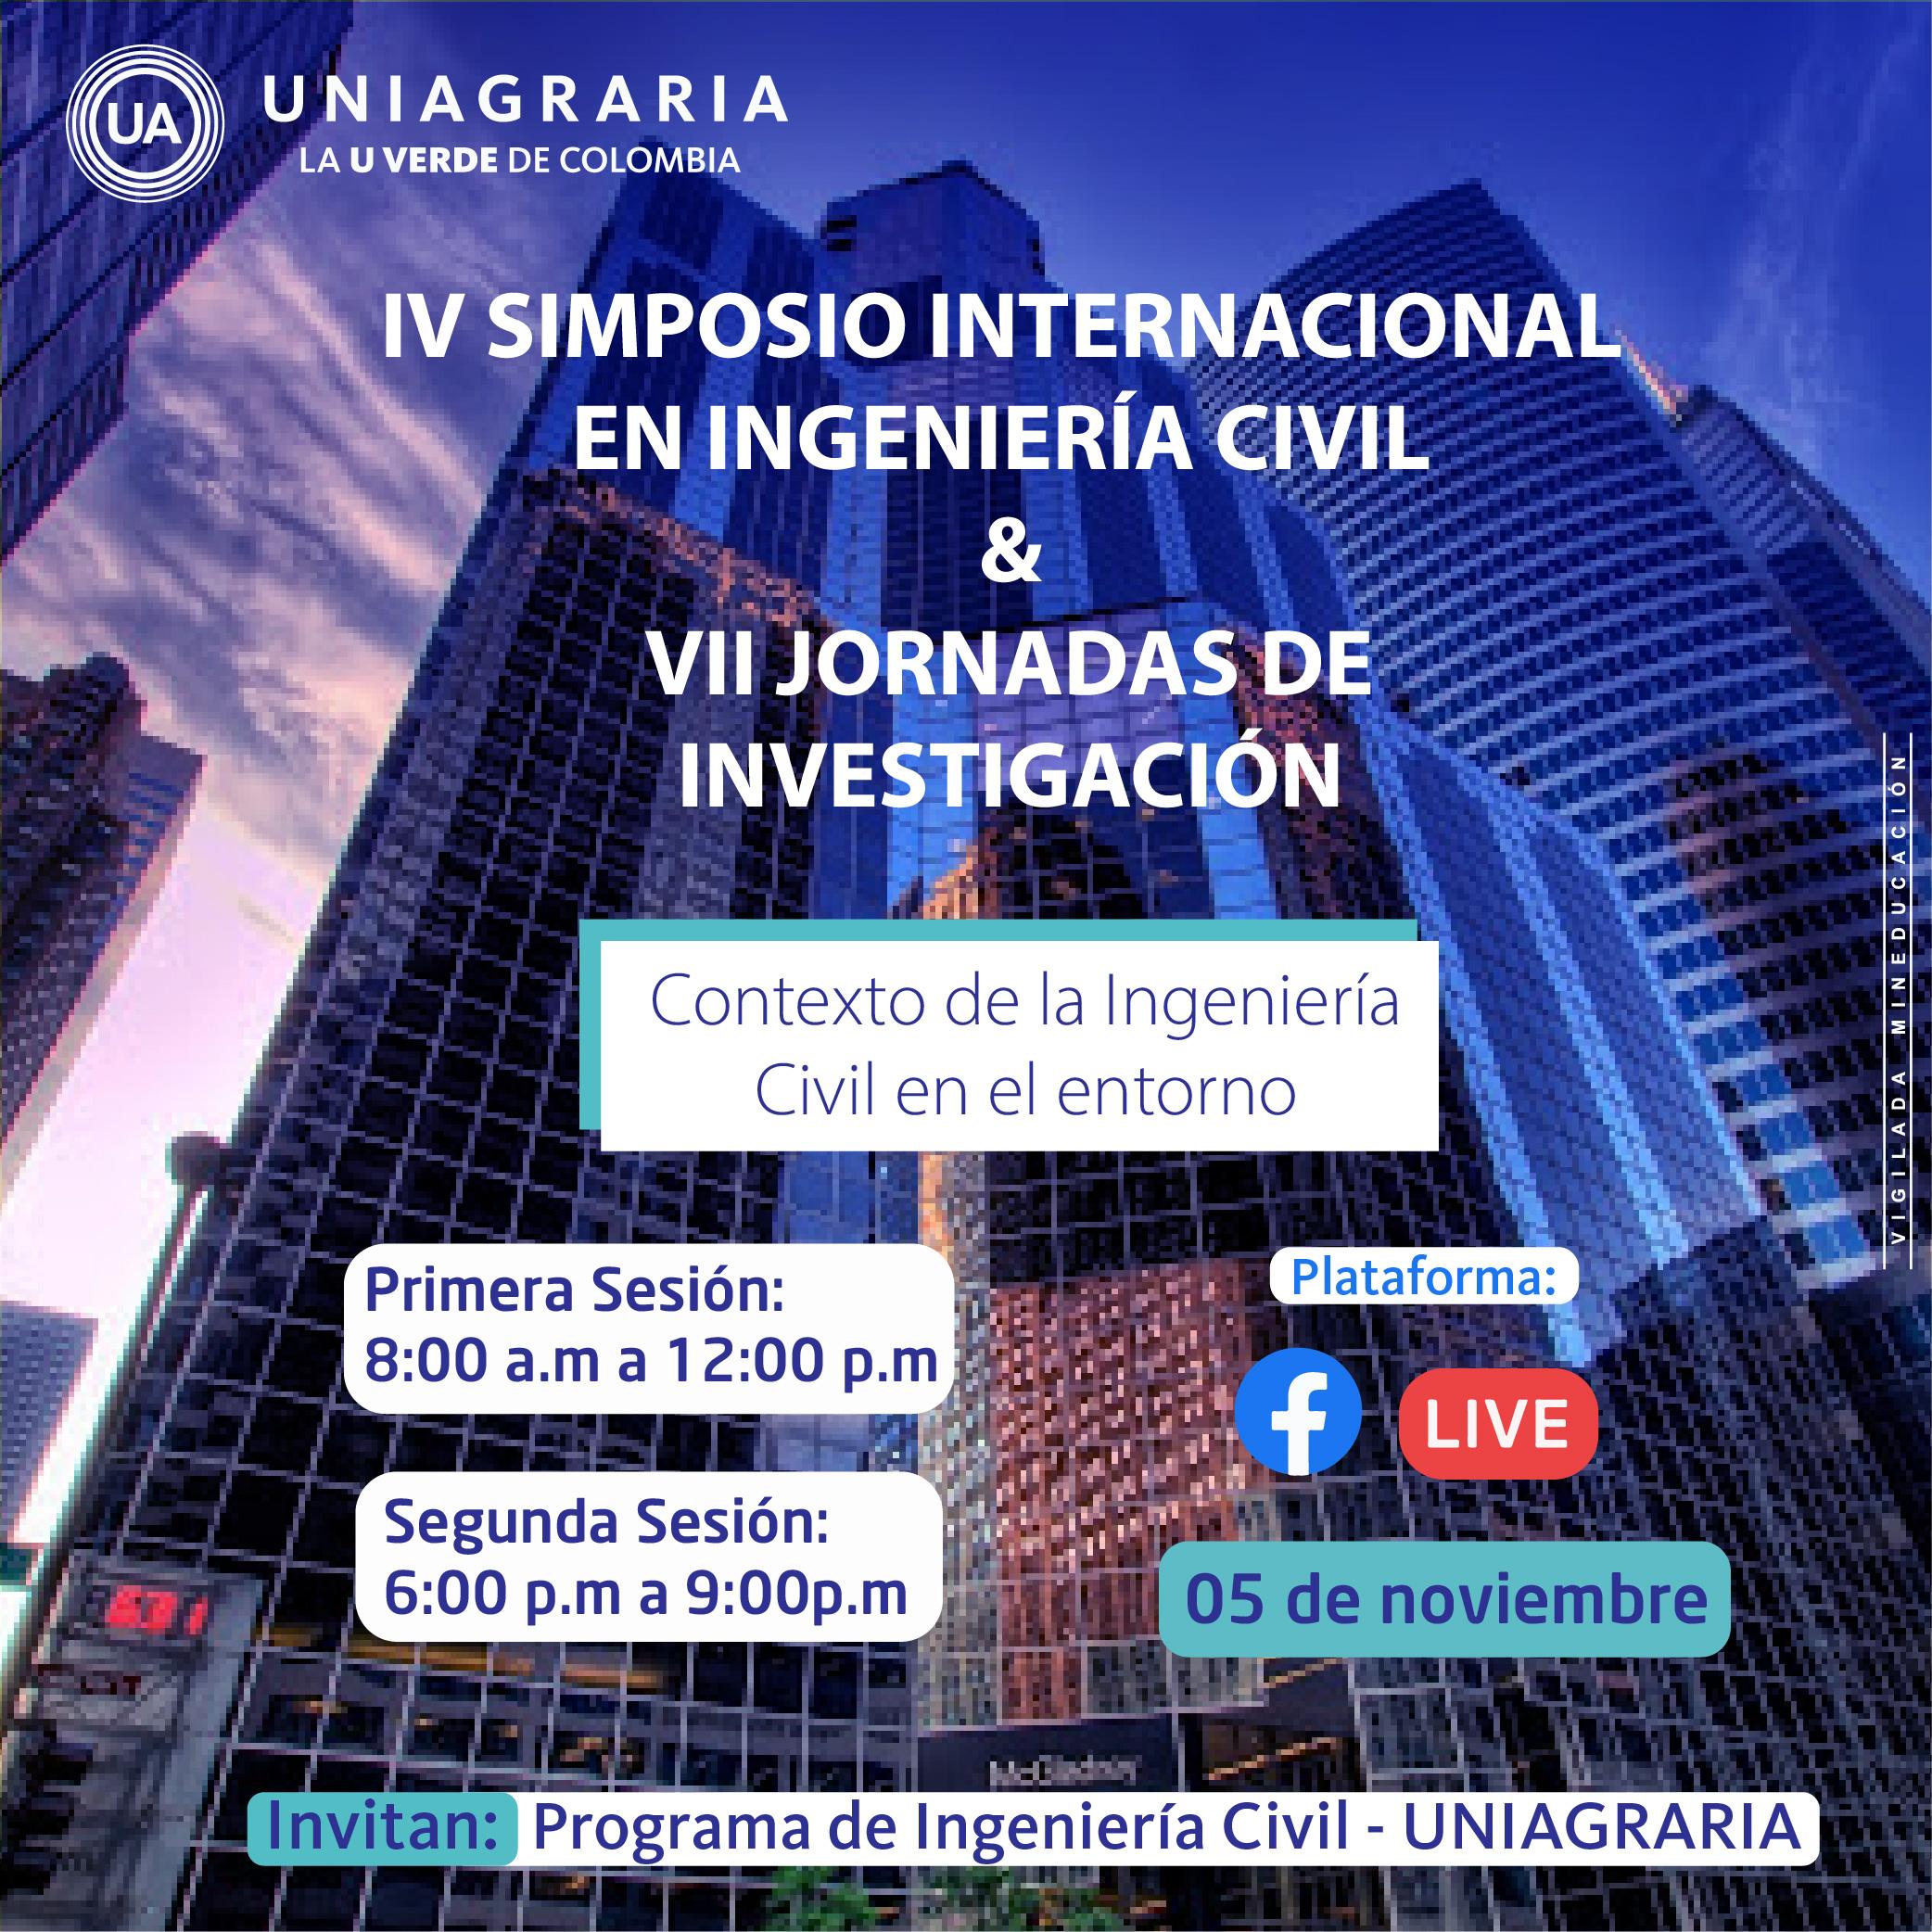 lV Simposio internacional en Ingeniería Civil & Vll jornadas de investigación